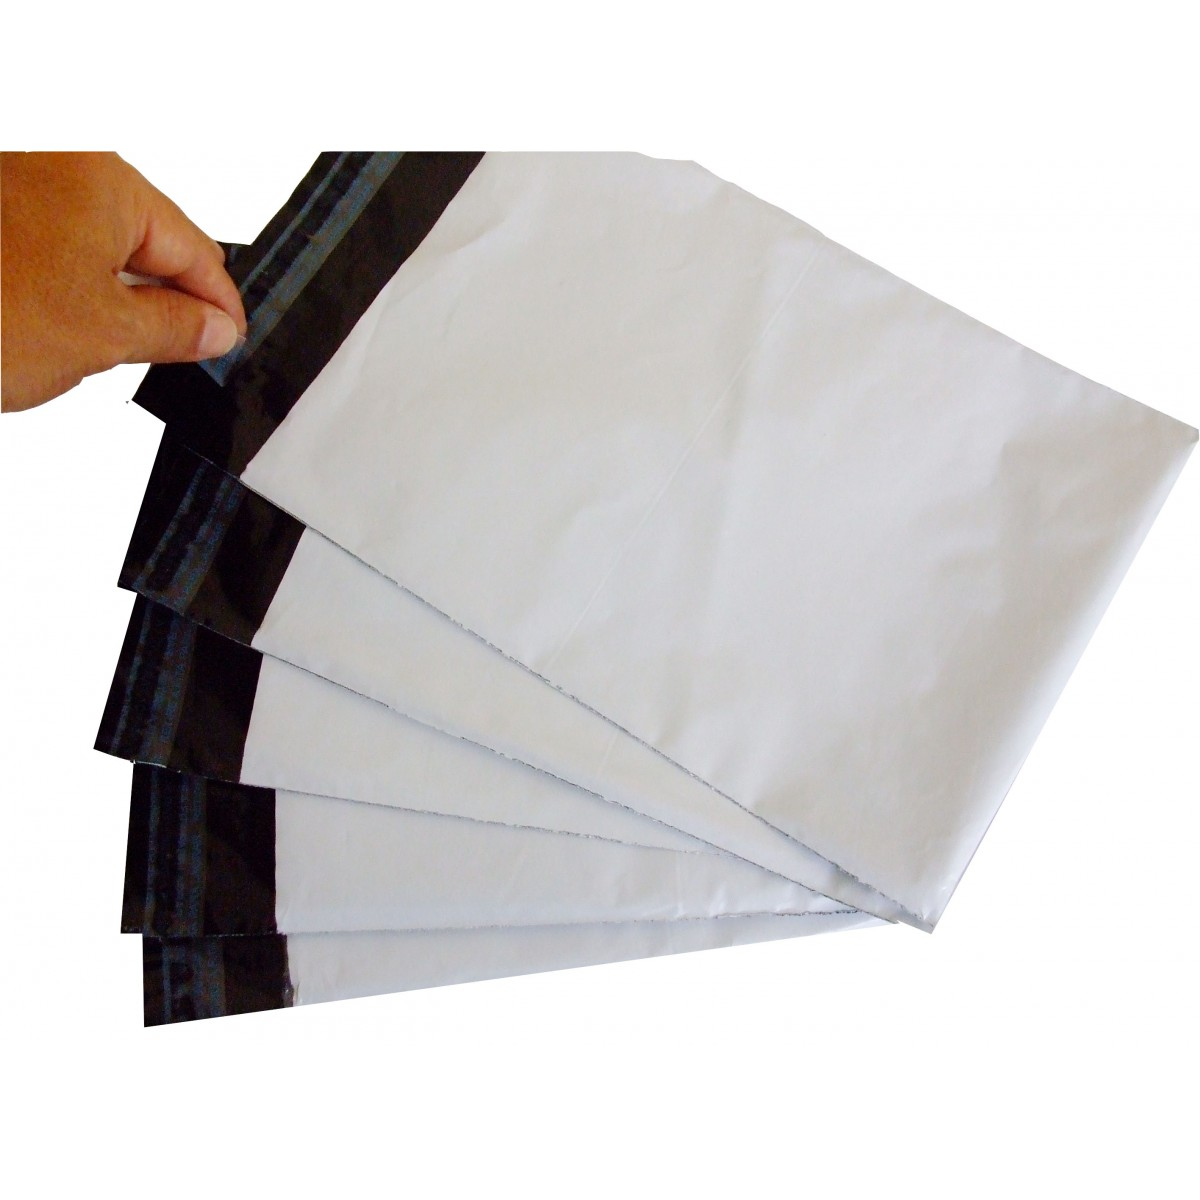 Envelope de Segurança Liso Branco L:30 X C:20 + 5 (Aba) cm